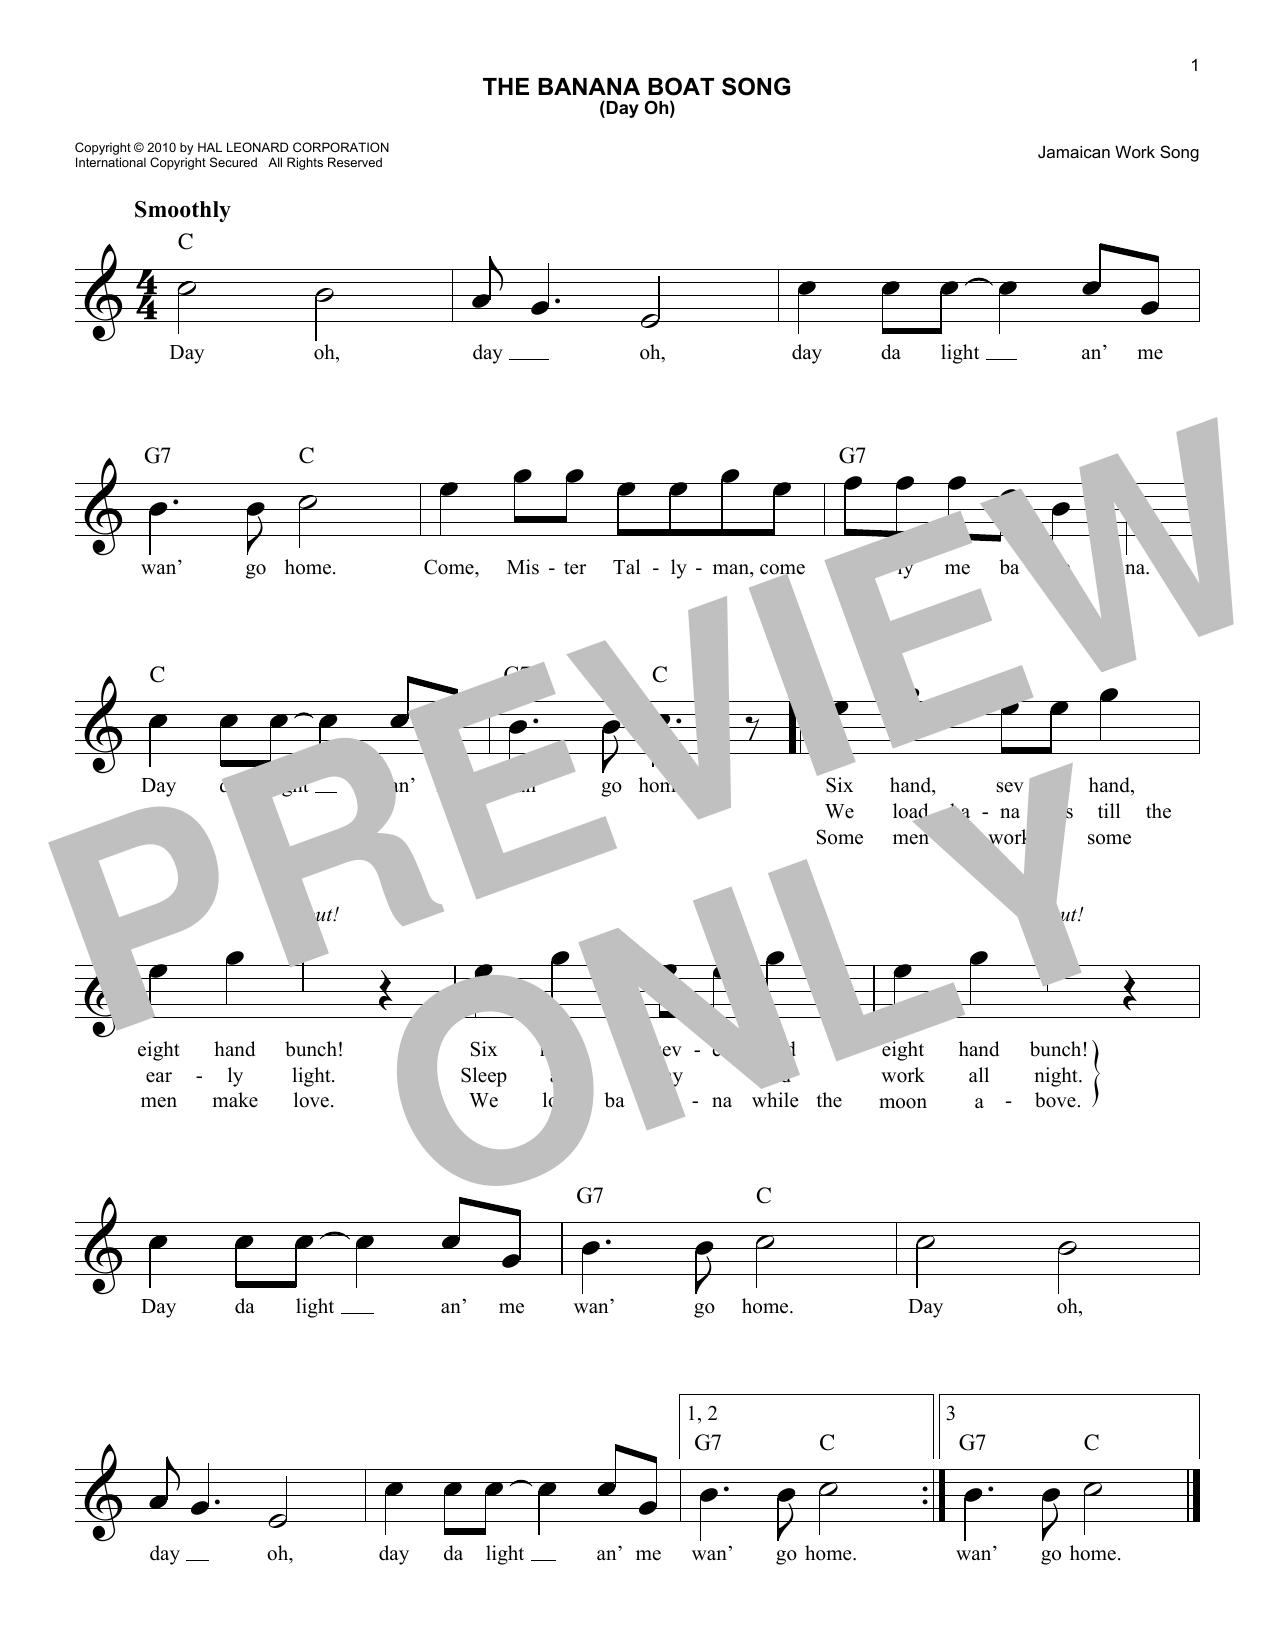 The Banana Boat Song Sheet Music